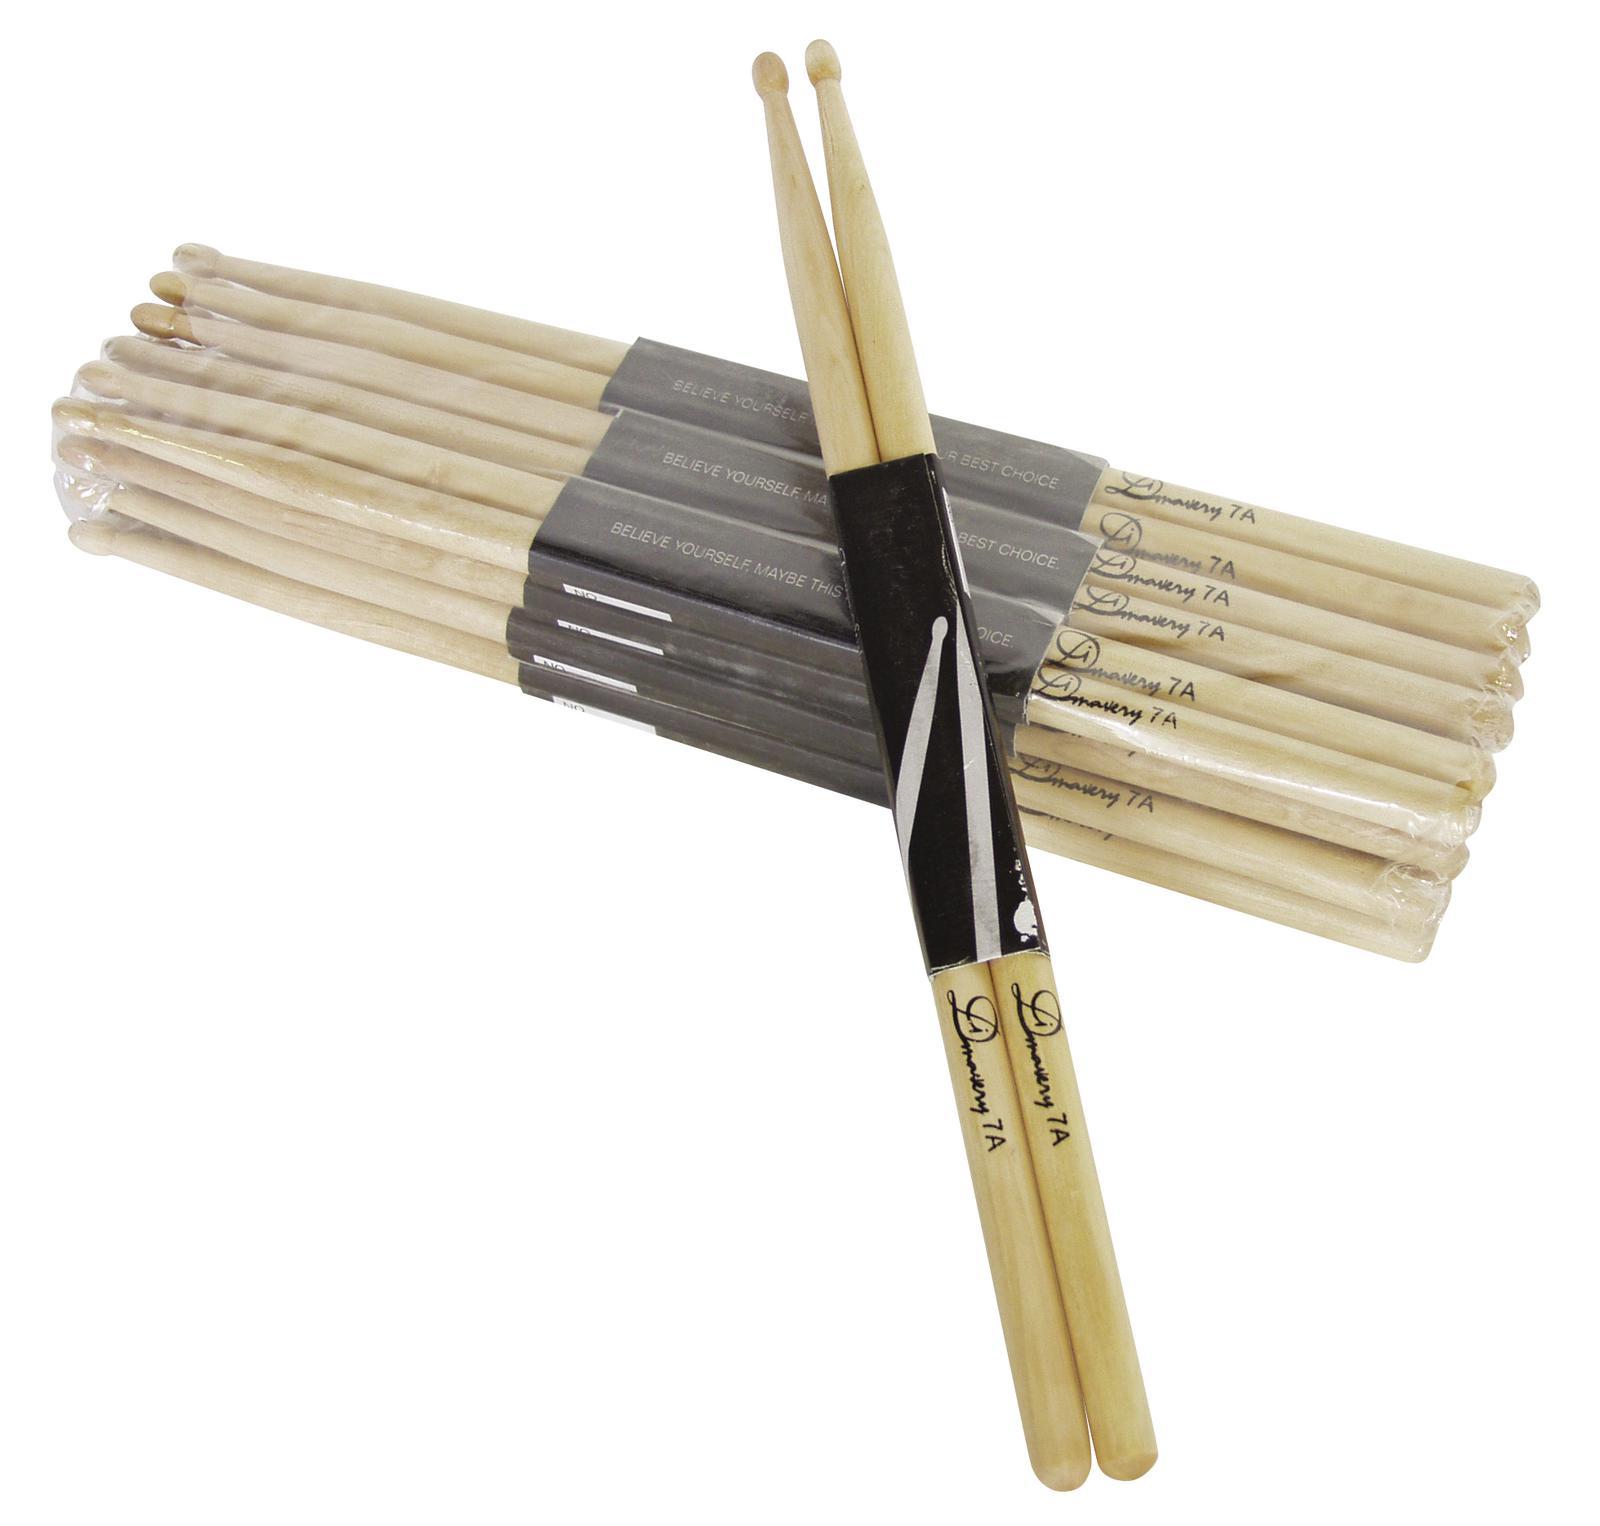 Coppia di bacchette per batteria in acero 7A con punta in legno Dimavery DDS-7A